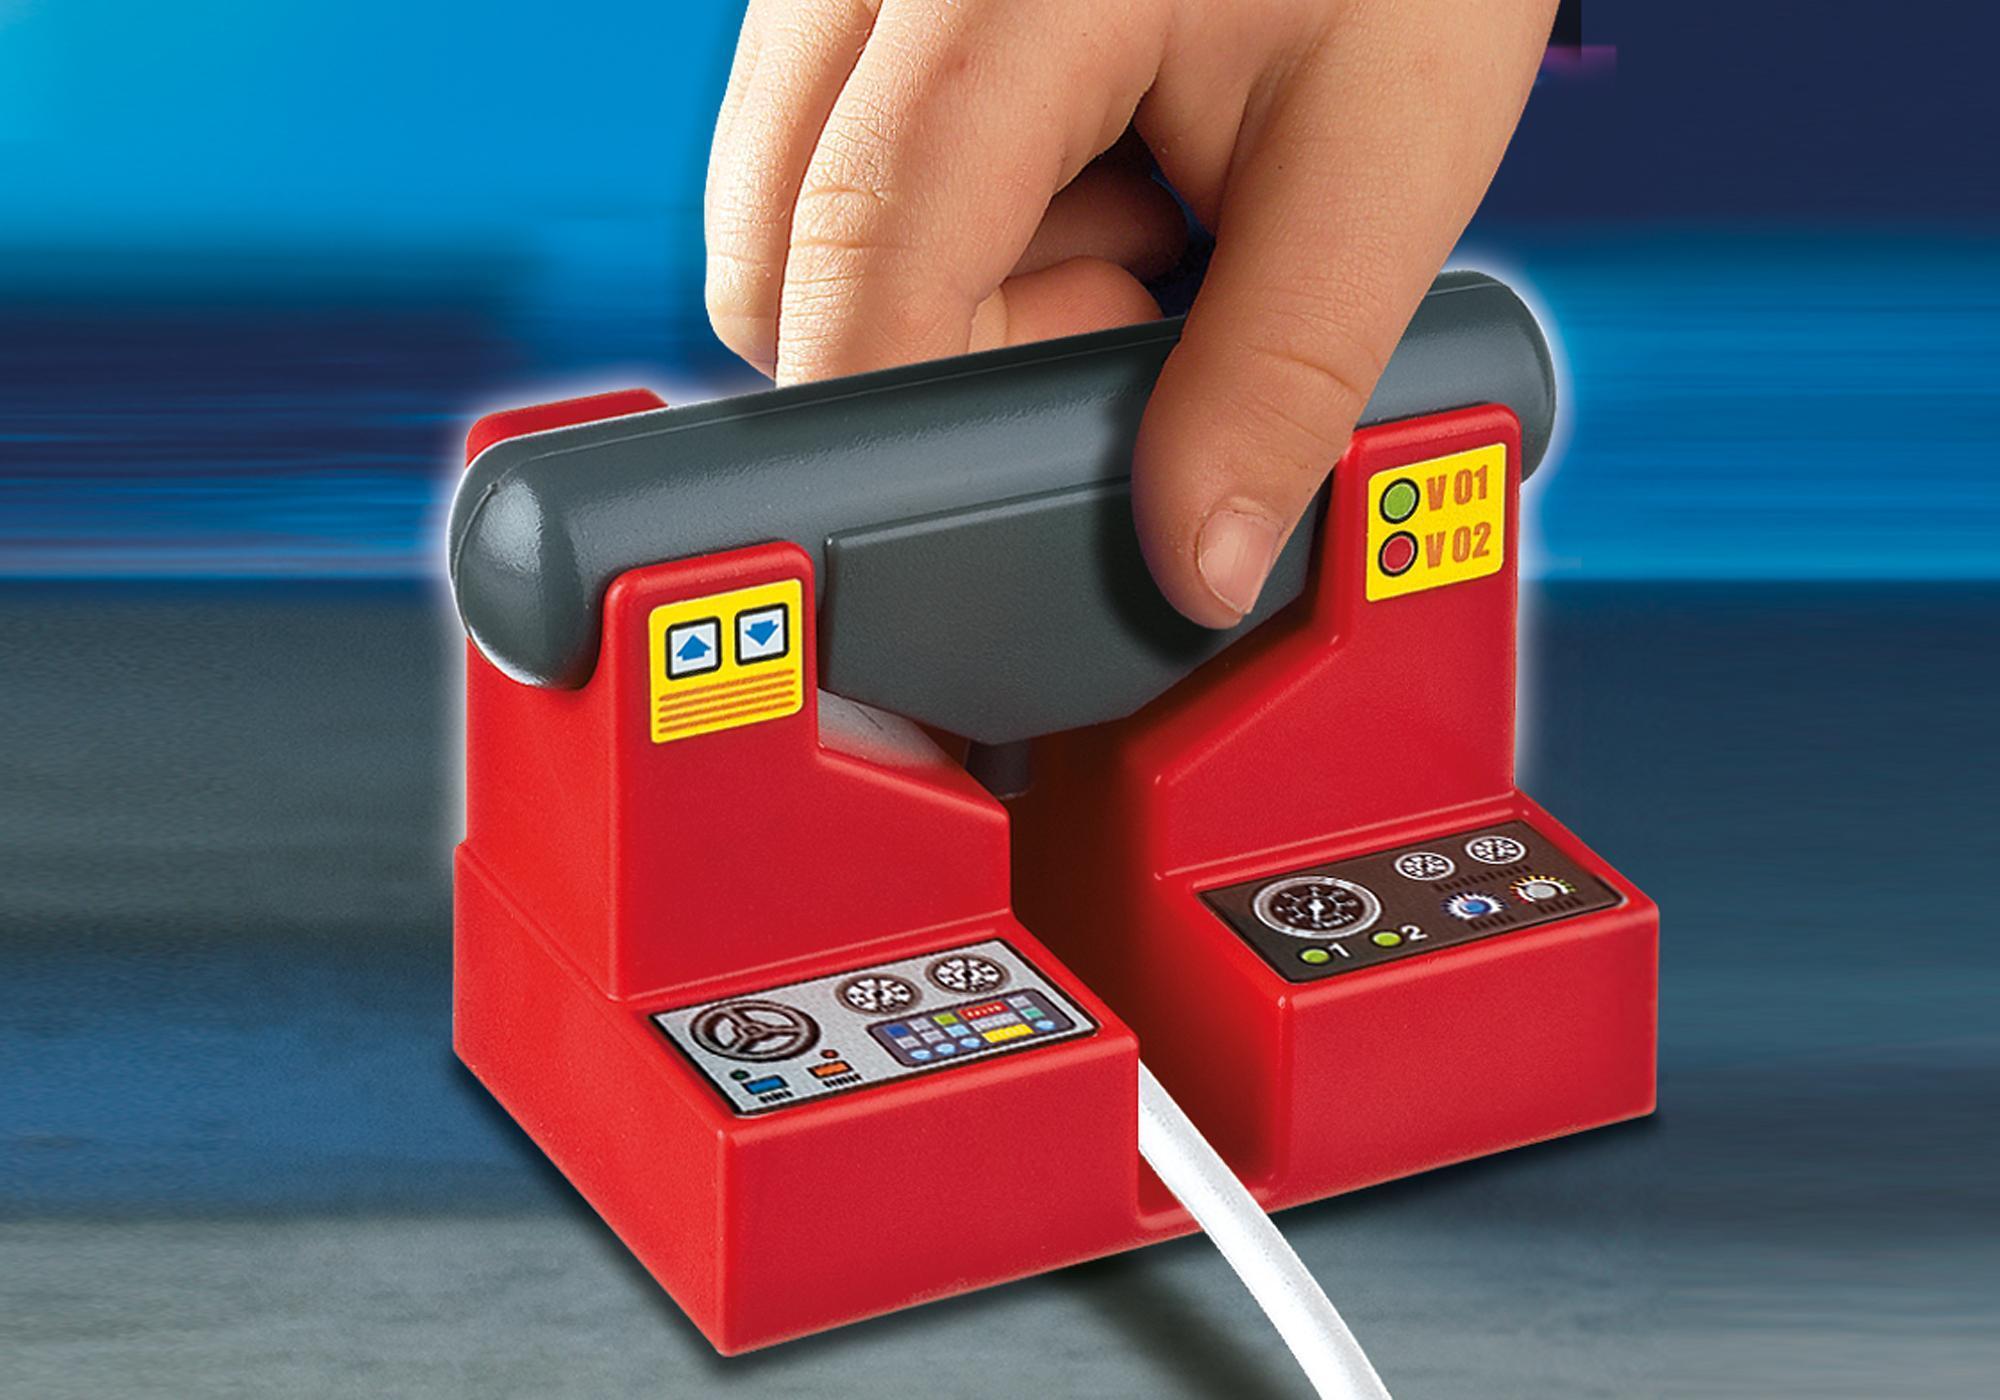 http://media.playmobil.com/i/playmobil/5651_product_extra2/Fire Rescue Carry Case